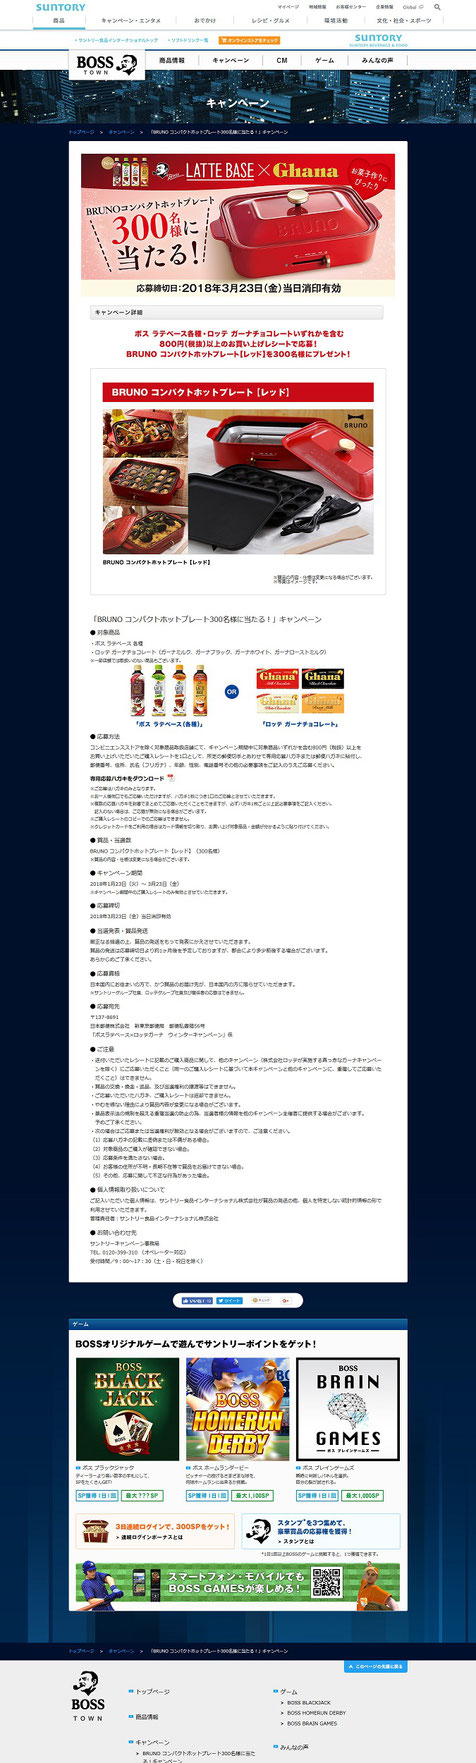 【BOSS】ロッテGhanaコラボ BRUNO コンパクトホットプレートプレゼントキャンペーン